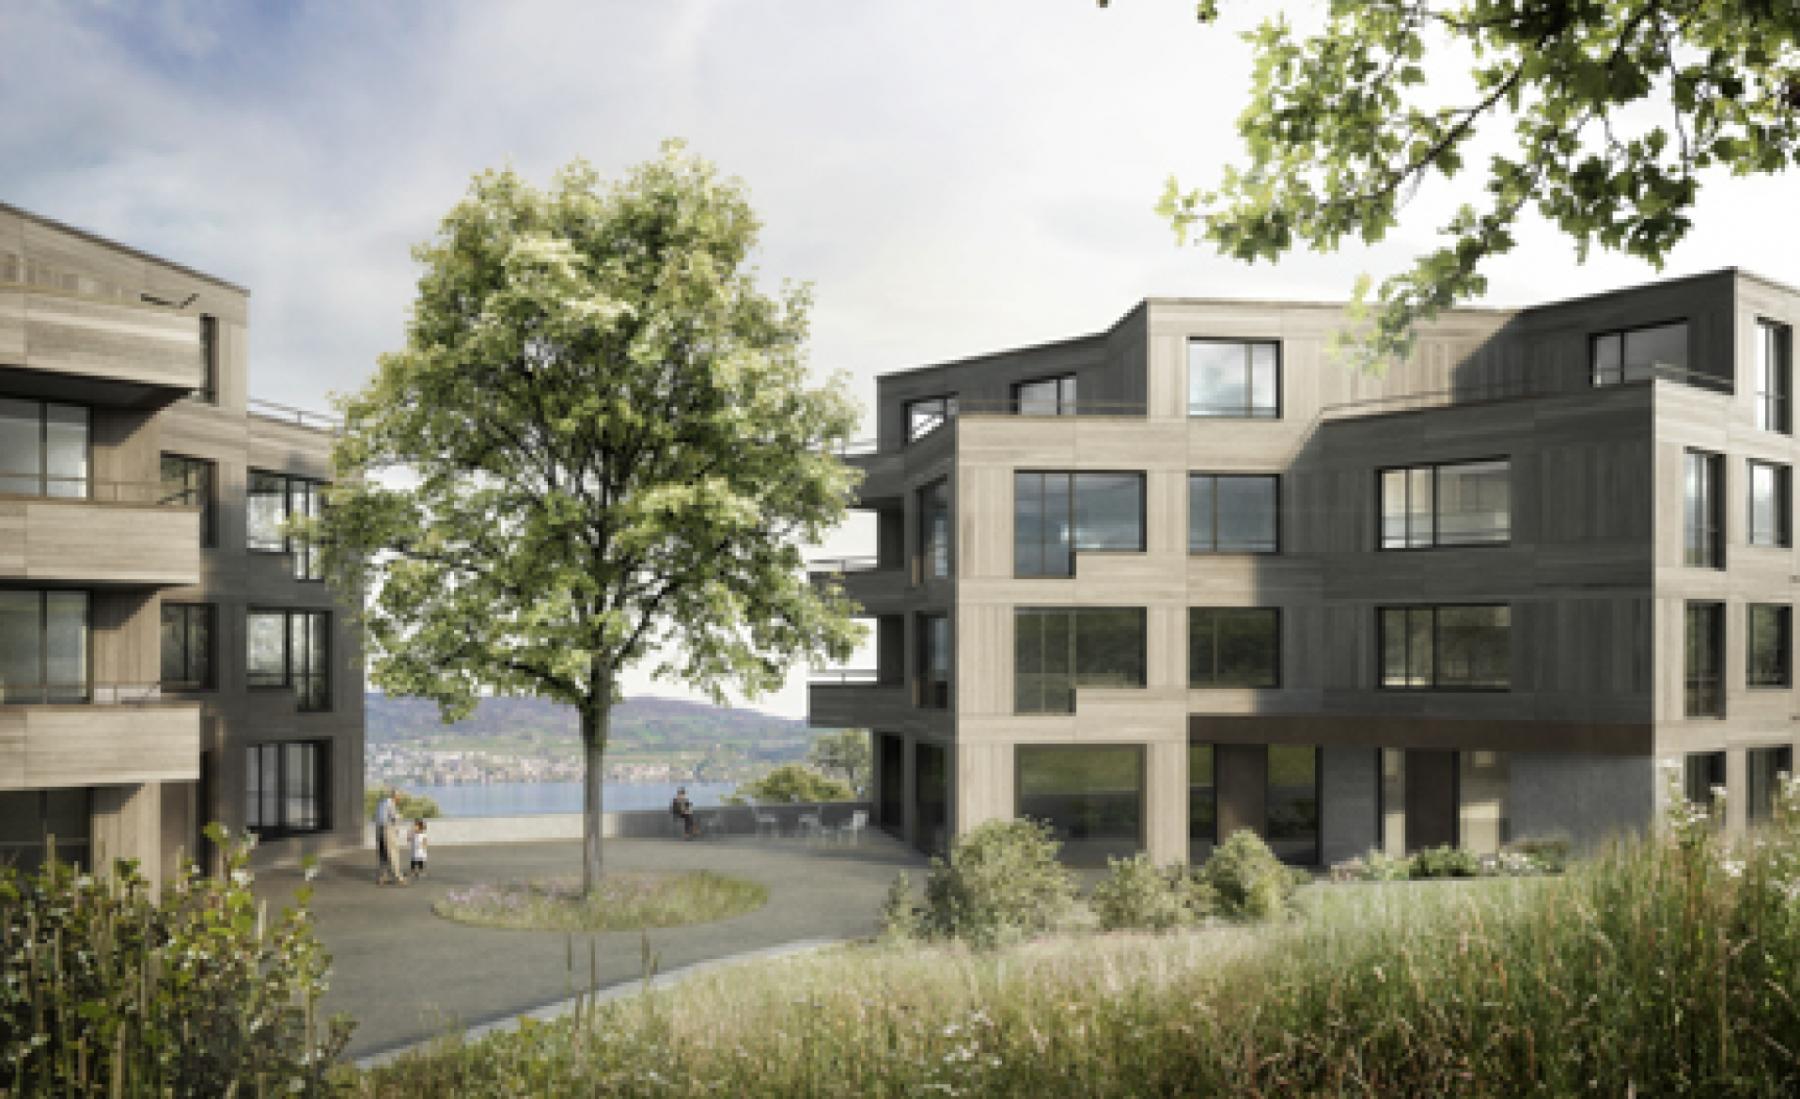 Generationenübergreifendes Wohnen auf dem Strickler Areal, Horgen, neff neumann Architekten, himbeer